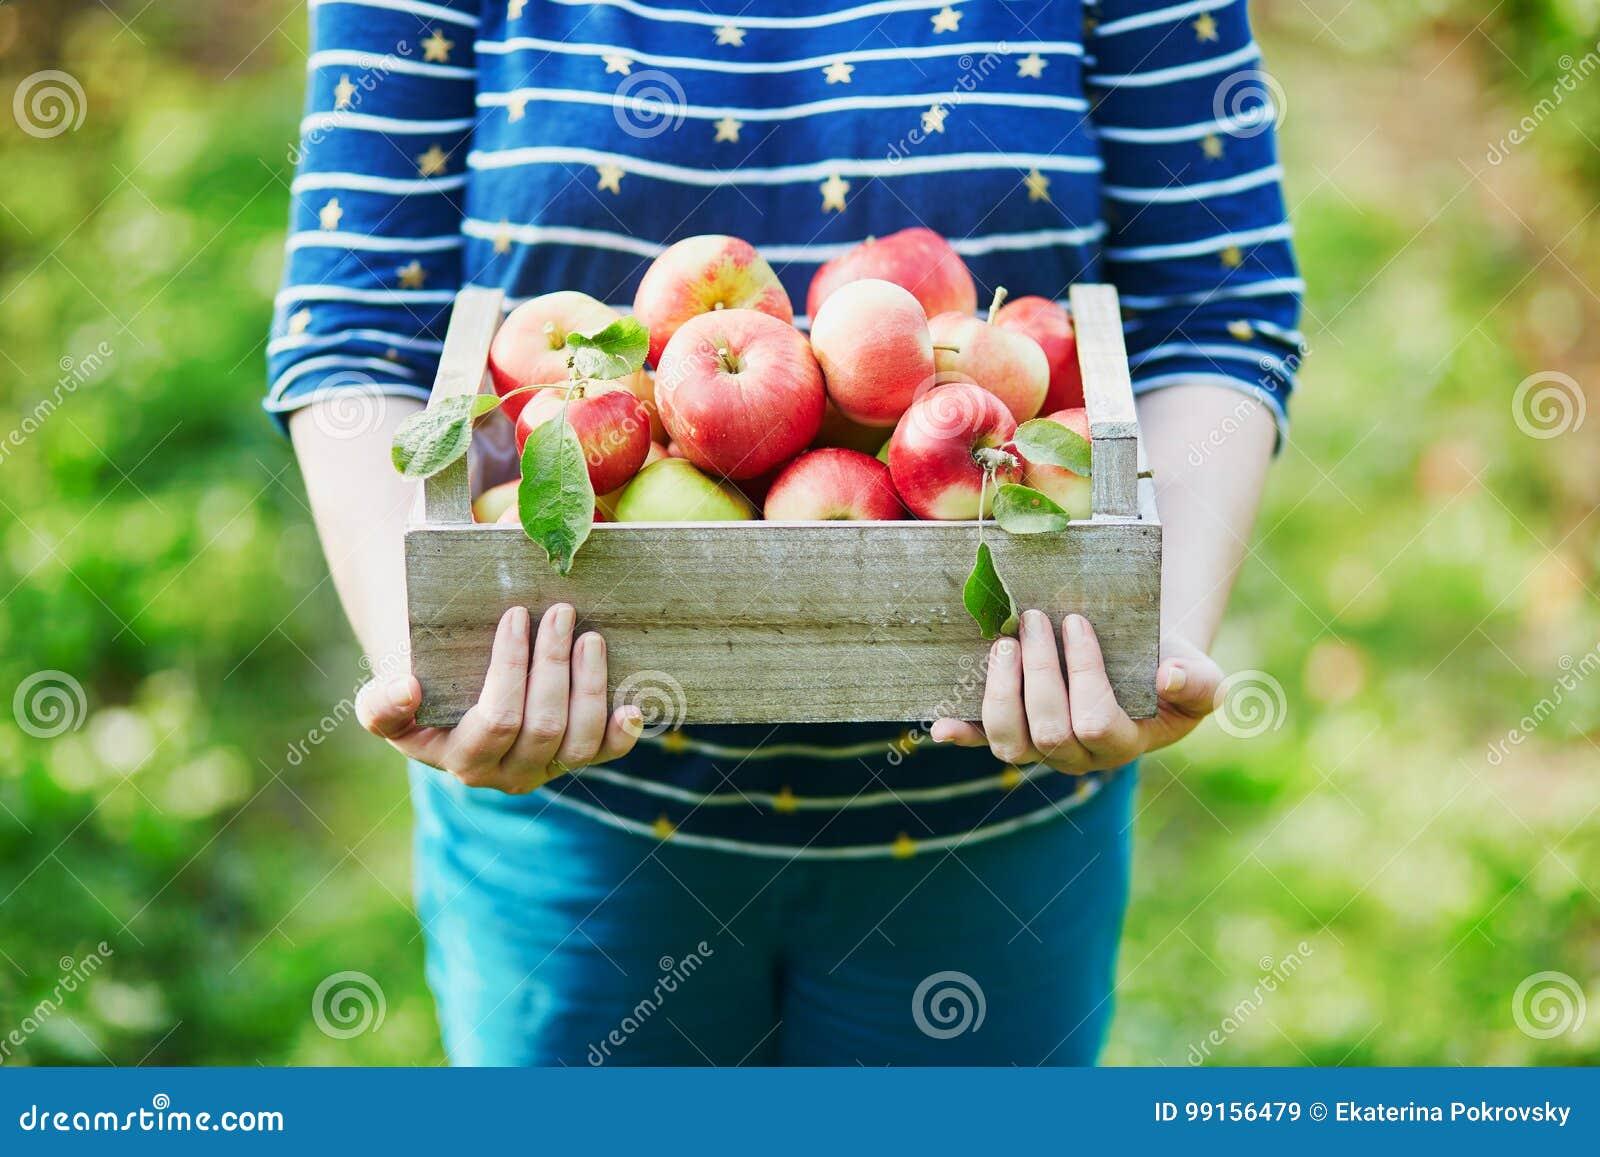 妇女递拿着一个条板箱用在农场的新鲜的成熟苹果